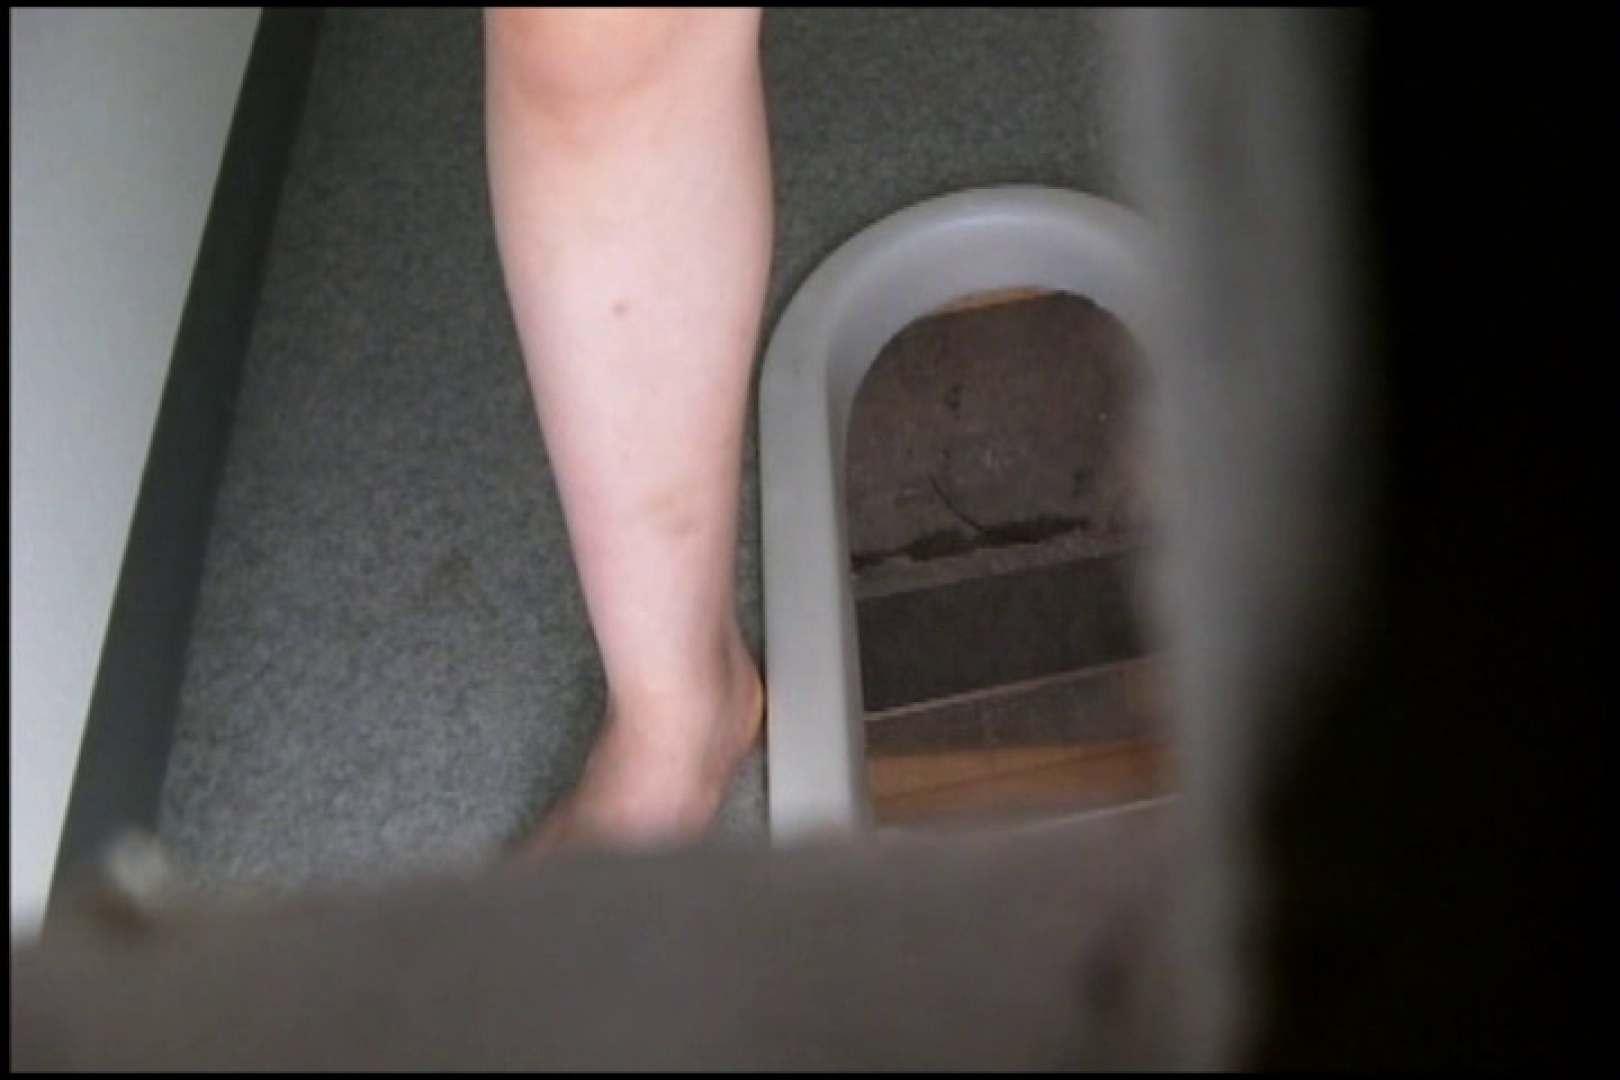 和式にまたがる女たちを待ちうけるカメラの衝撃映像vol.02 厠 ぱこり動画紹介 96枚 15